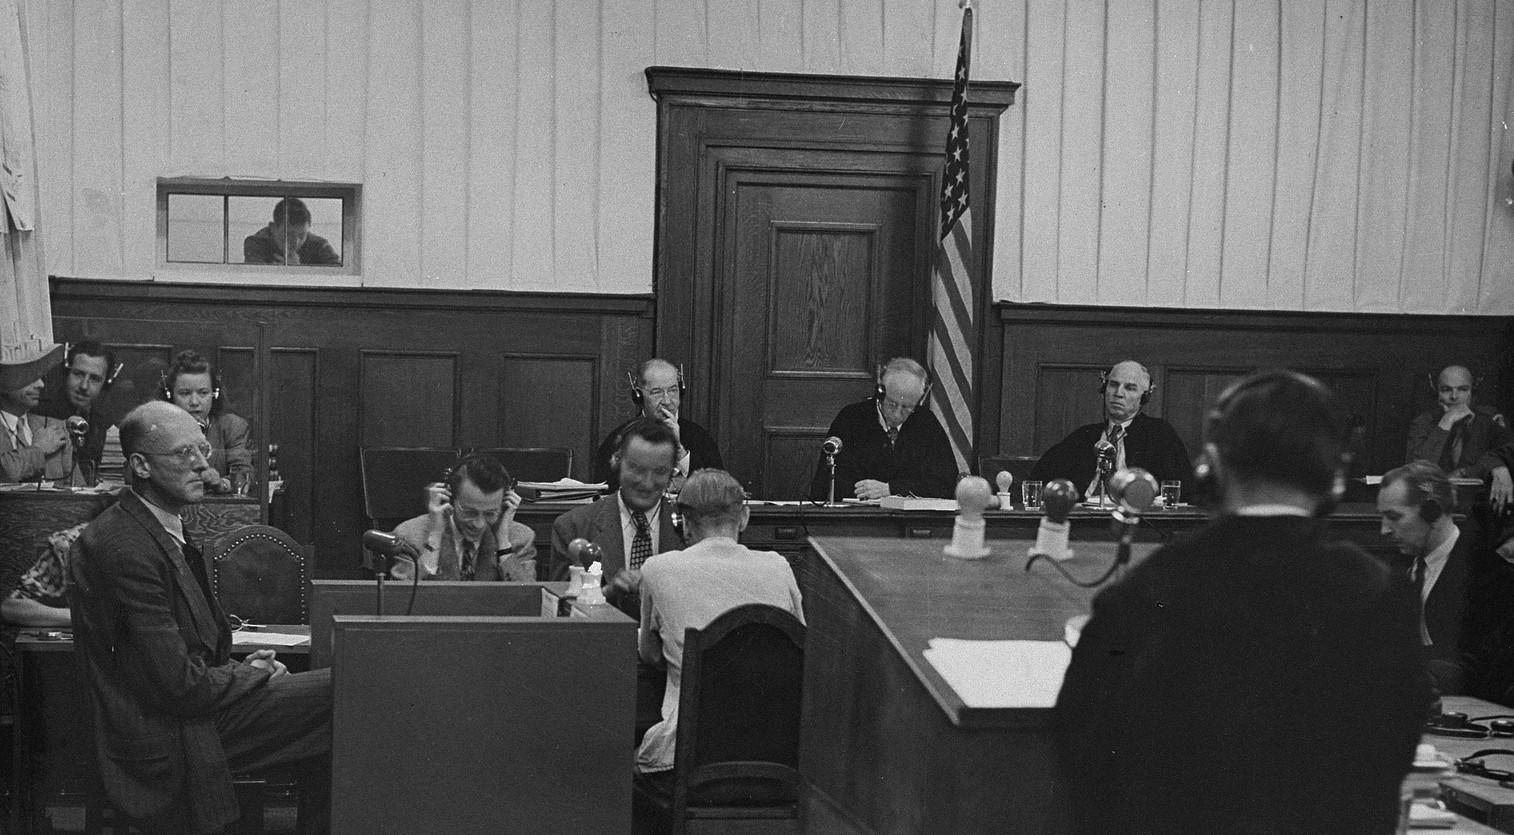 A witness testifies in the Judges' Trial in Nuremberg, Germany.